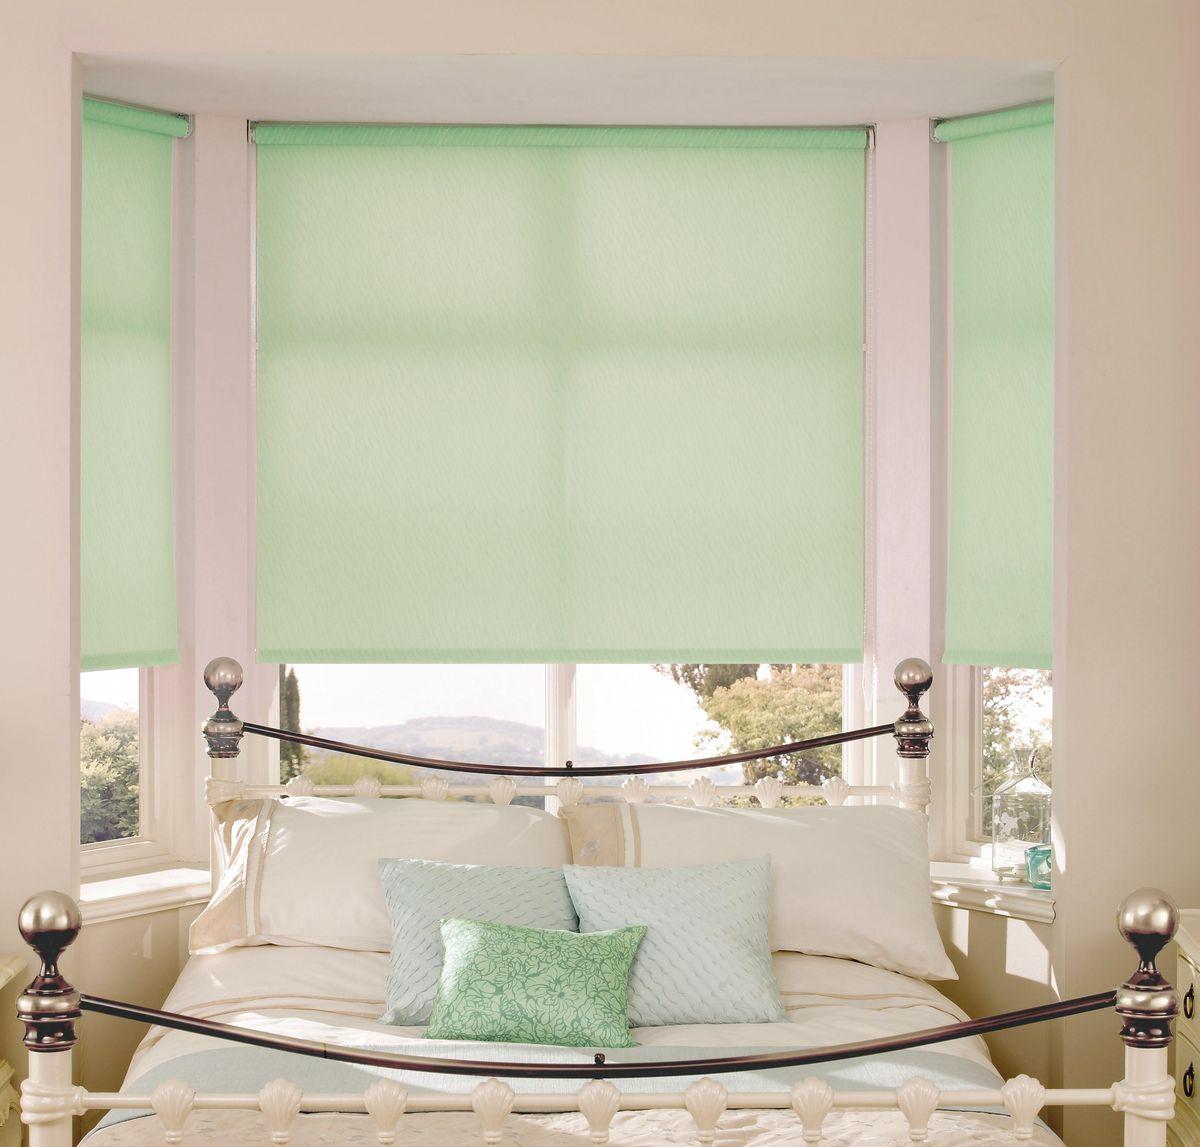 Штора рулонная Эскар, цвет: светло-зеленый, ширина 150 см, высота 170 см81017150170Рулонными шторами можно оформлять окна как самостоятельно, так и использовать в комбинации с портьерами. Это поможет предотвратить выгорание дорогой ткани на солнце и соединит функционал рулонных с красотой навесных. Преимущества применения рулонных штор для пластиковых окон: - имеют прекрасный внешний вид: многообразие и фактурность материала изделия отлично смотрятся в любом интерьере; - многофункциональны: есть возможность подобрать шторы способные эффективно защитить комнату от солнца, при этом о на не будет слишком темной. - Есть возможность осуществить быстрый монтаж. ВНИМАНИЕ! Размеры ширины изделия указаны по ширине ткани! Во время эксплуатации не рекомендуется полностью разматывать рулон, чтобы не оторвать ткань от намоточного вала. В случае загрязнения поверхности ткани, чистку шторы проводят одним из способов, в зависимости от типа загрязнения: легкое поверхностное загрязнение можно удалить при помощи...